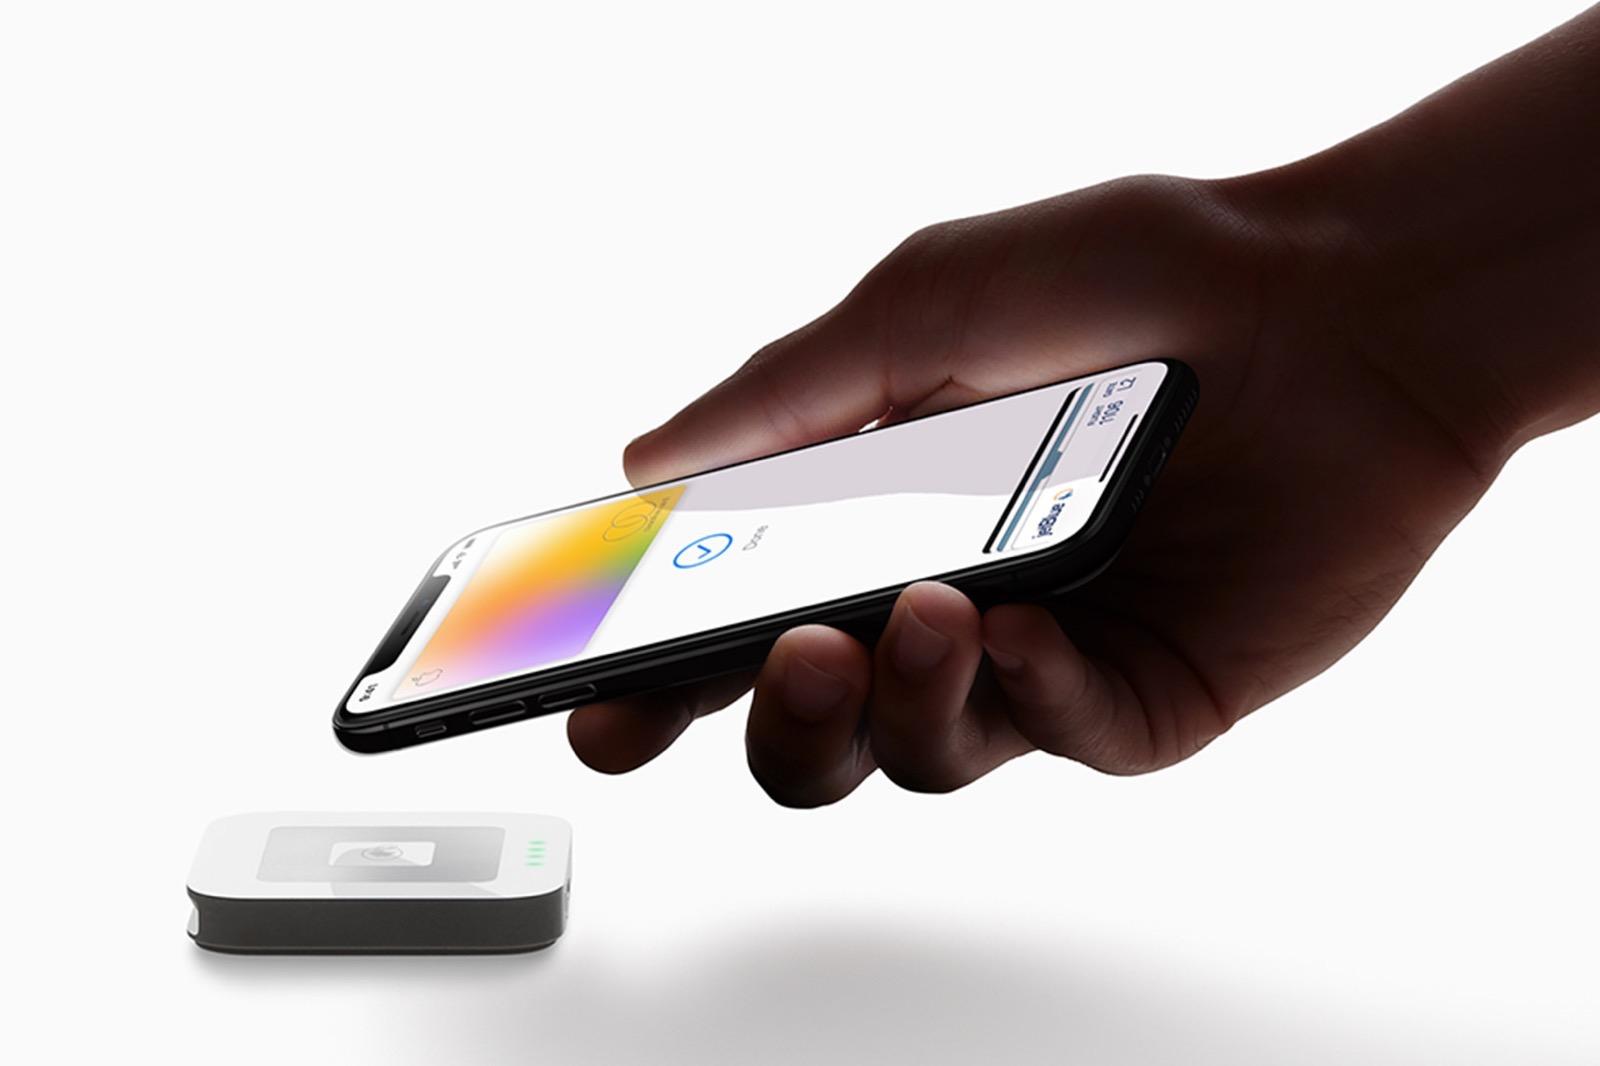 Apple-Card_hand-iPhoneXS-payment_032519.jpg